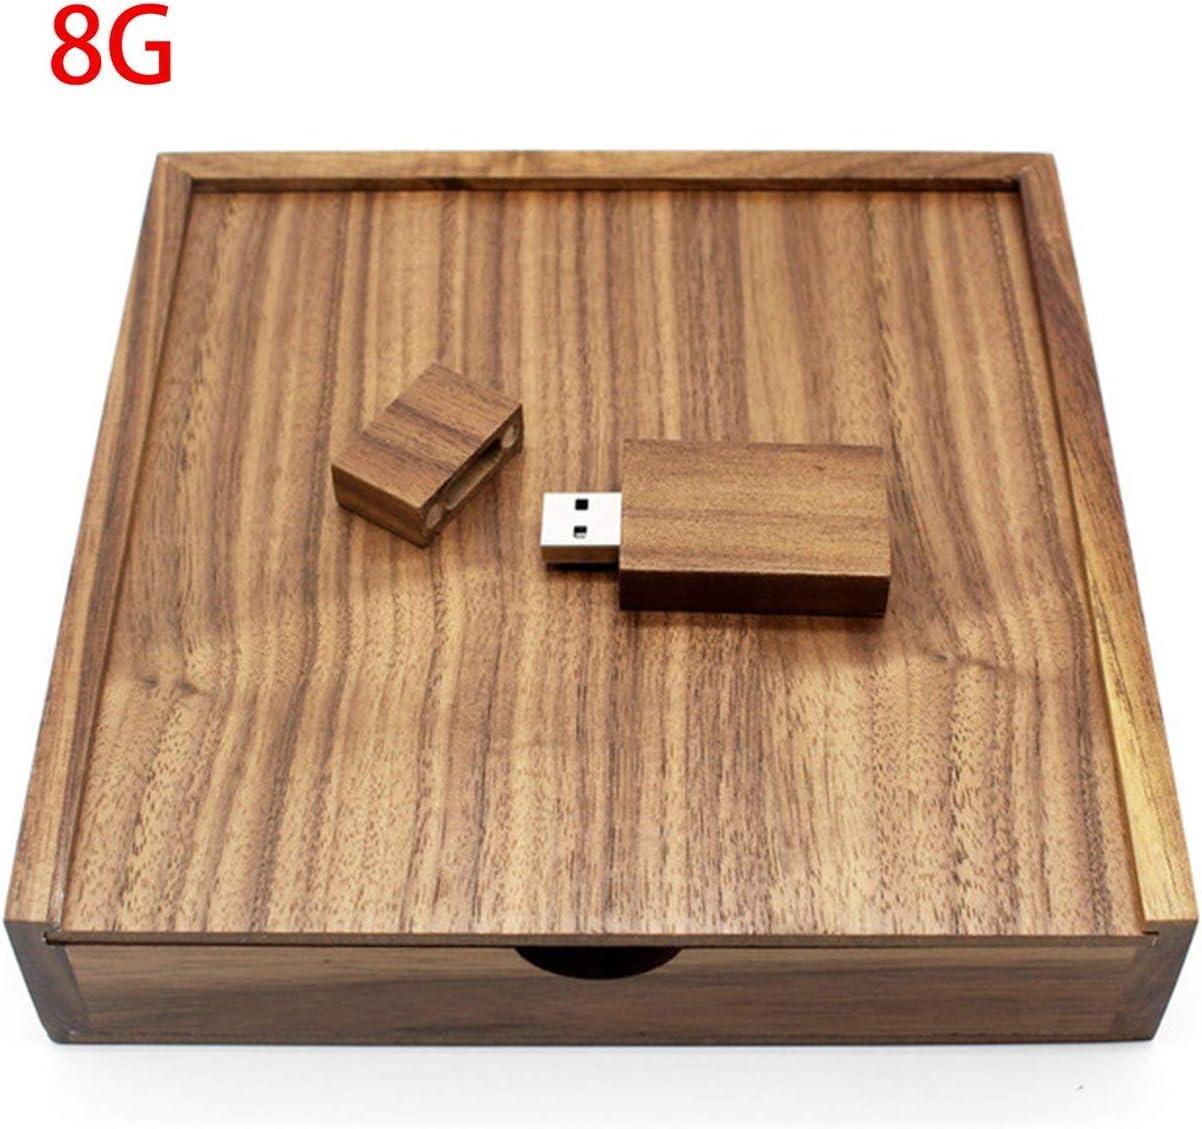 Merlove Walnut Photo Album Box USB Flash Drive 8GB 16GB 32GB 64GB USB2.0 Memory Stick